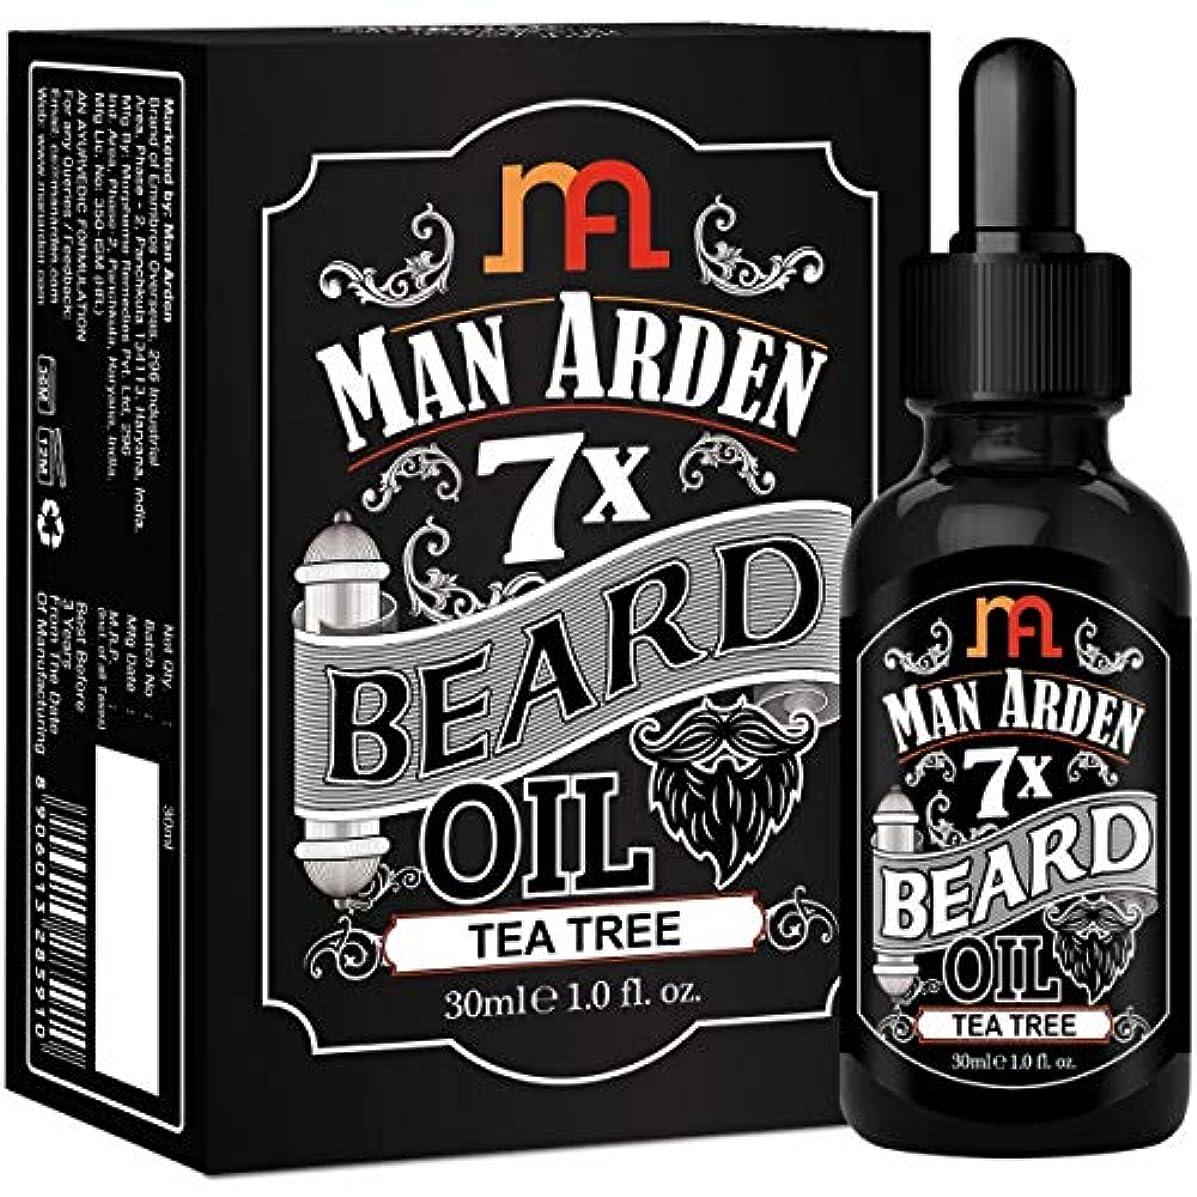 つぼみ免疫ほめるMan Arden 7X Beard Oil 30ml (Tea Tree) - 7 Premium Oils Blend For Beard Growth & Nourishment